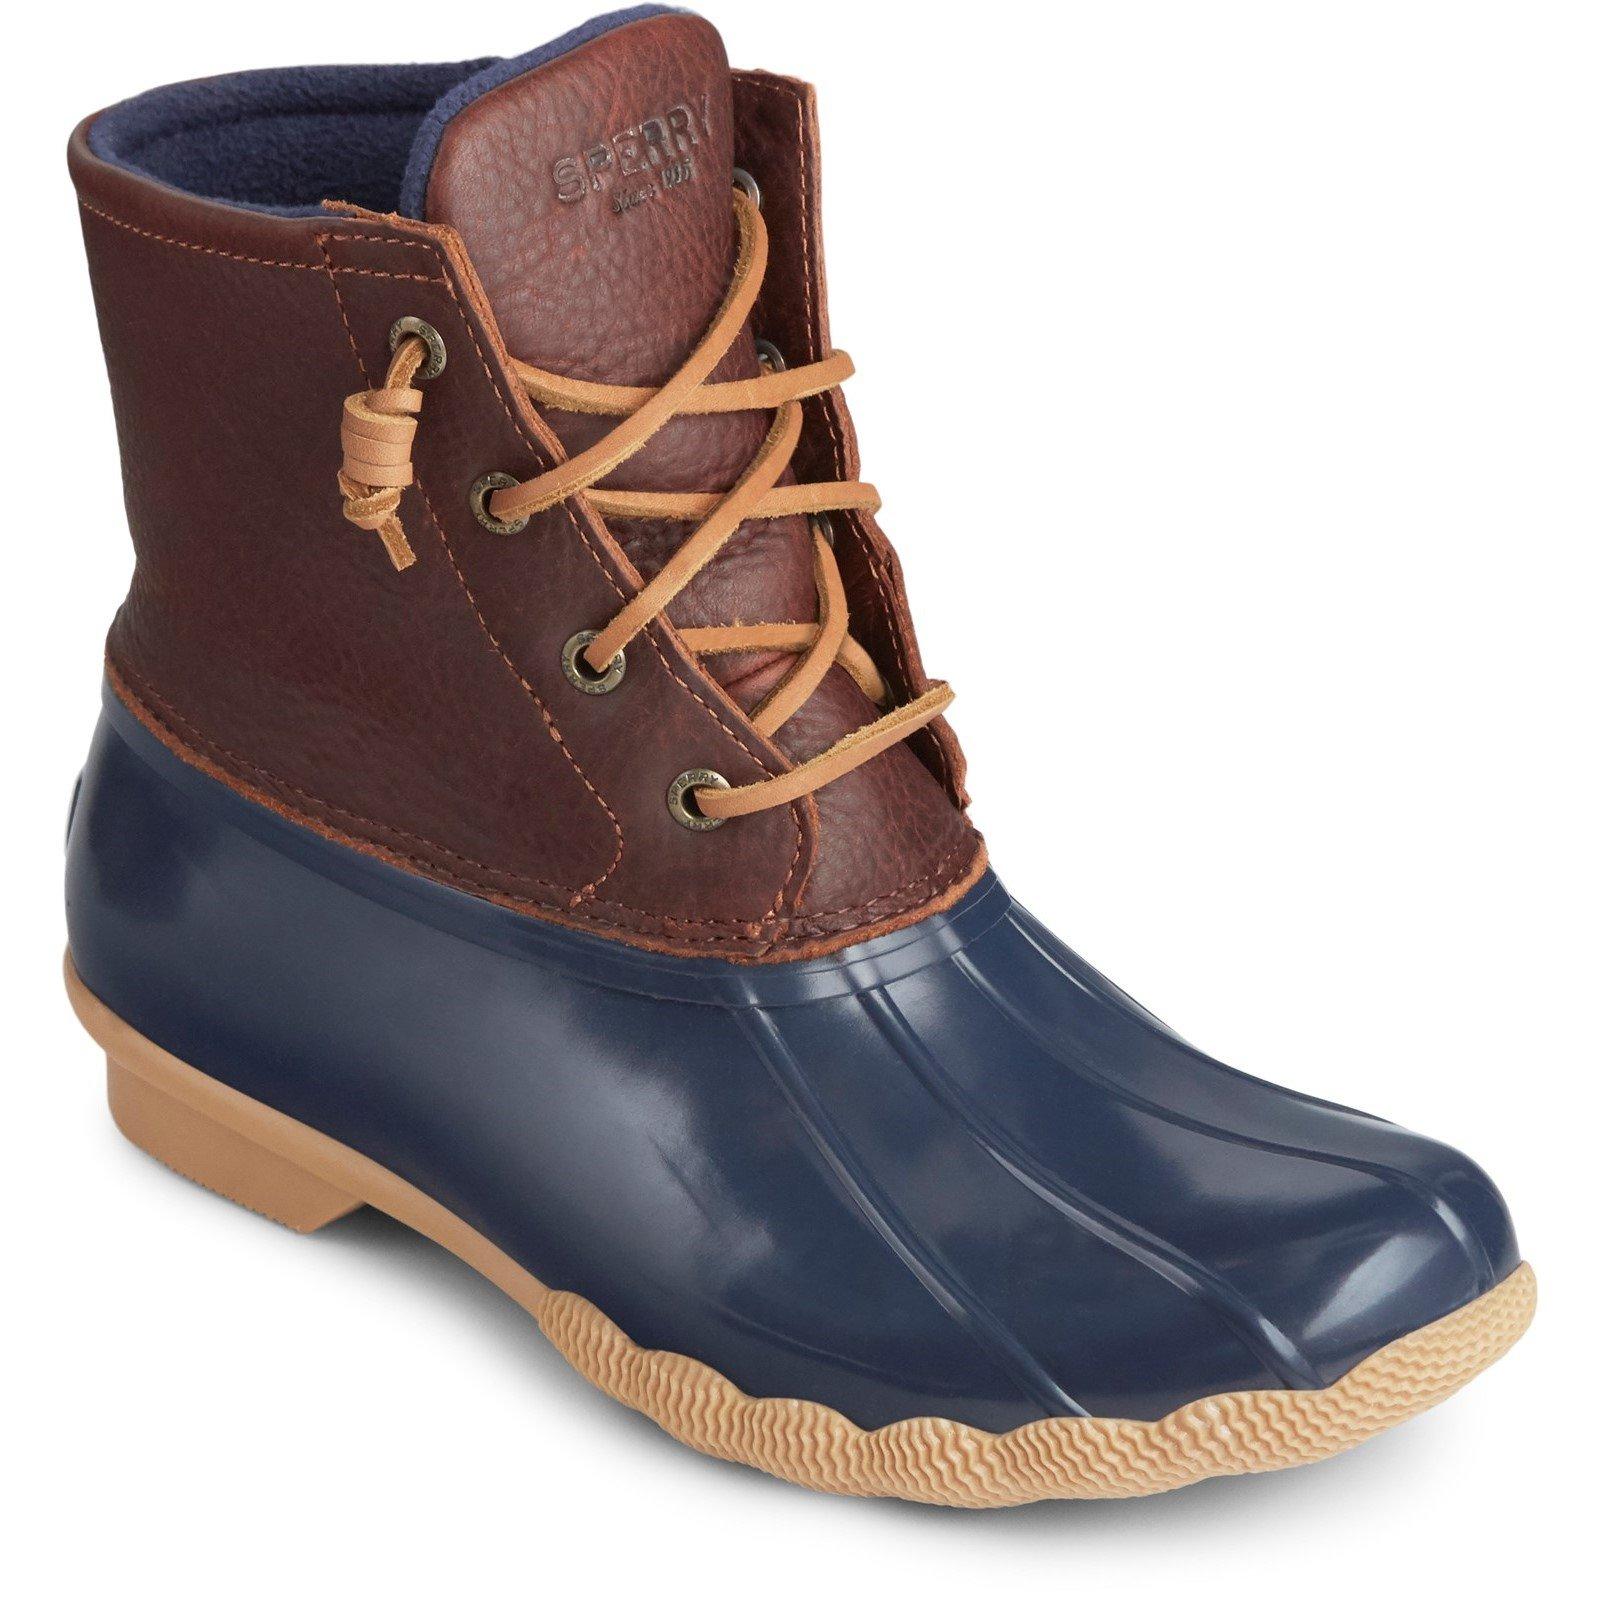 Sperry Women's Saltwater Duck Weather Boot Muticolor 32237 - Tan/Navy 4